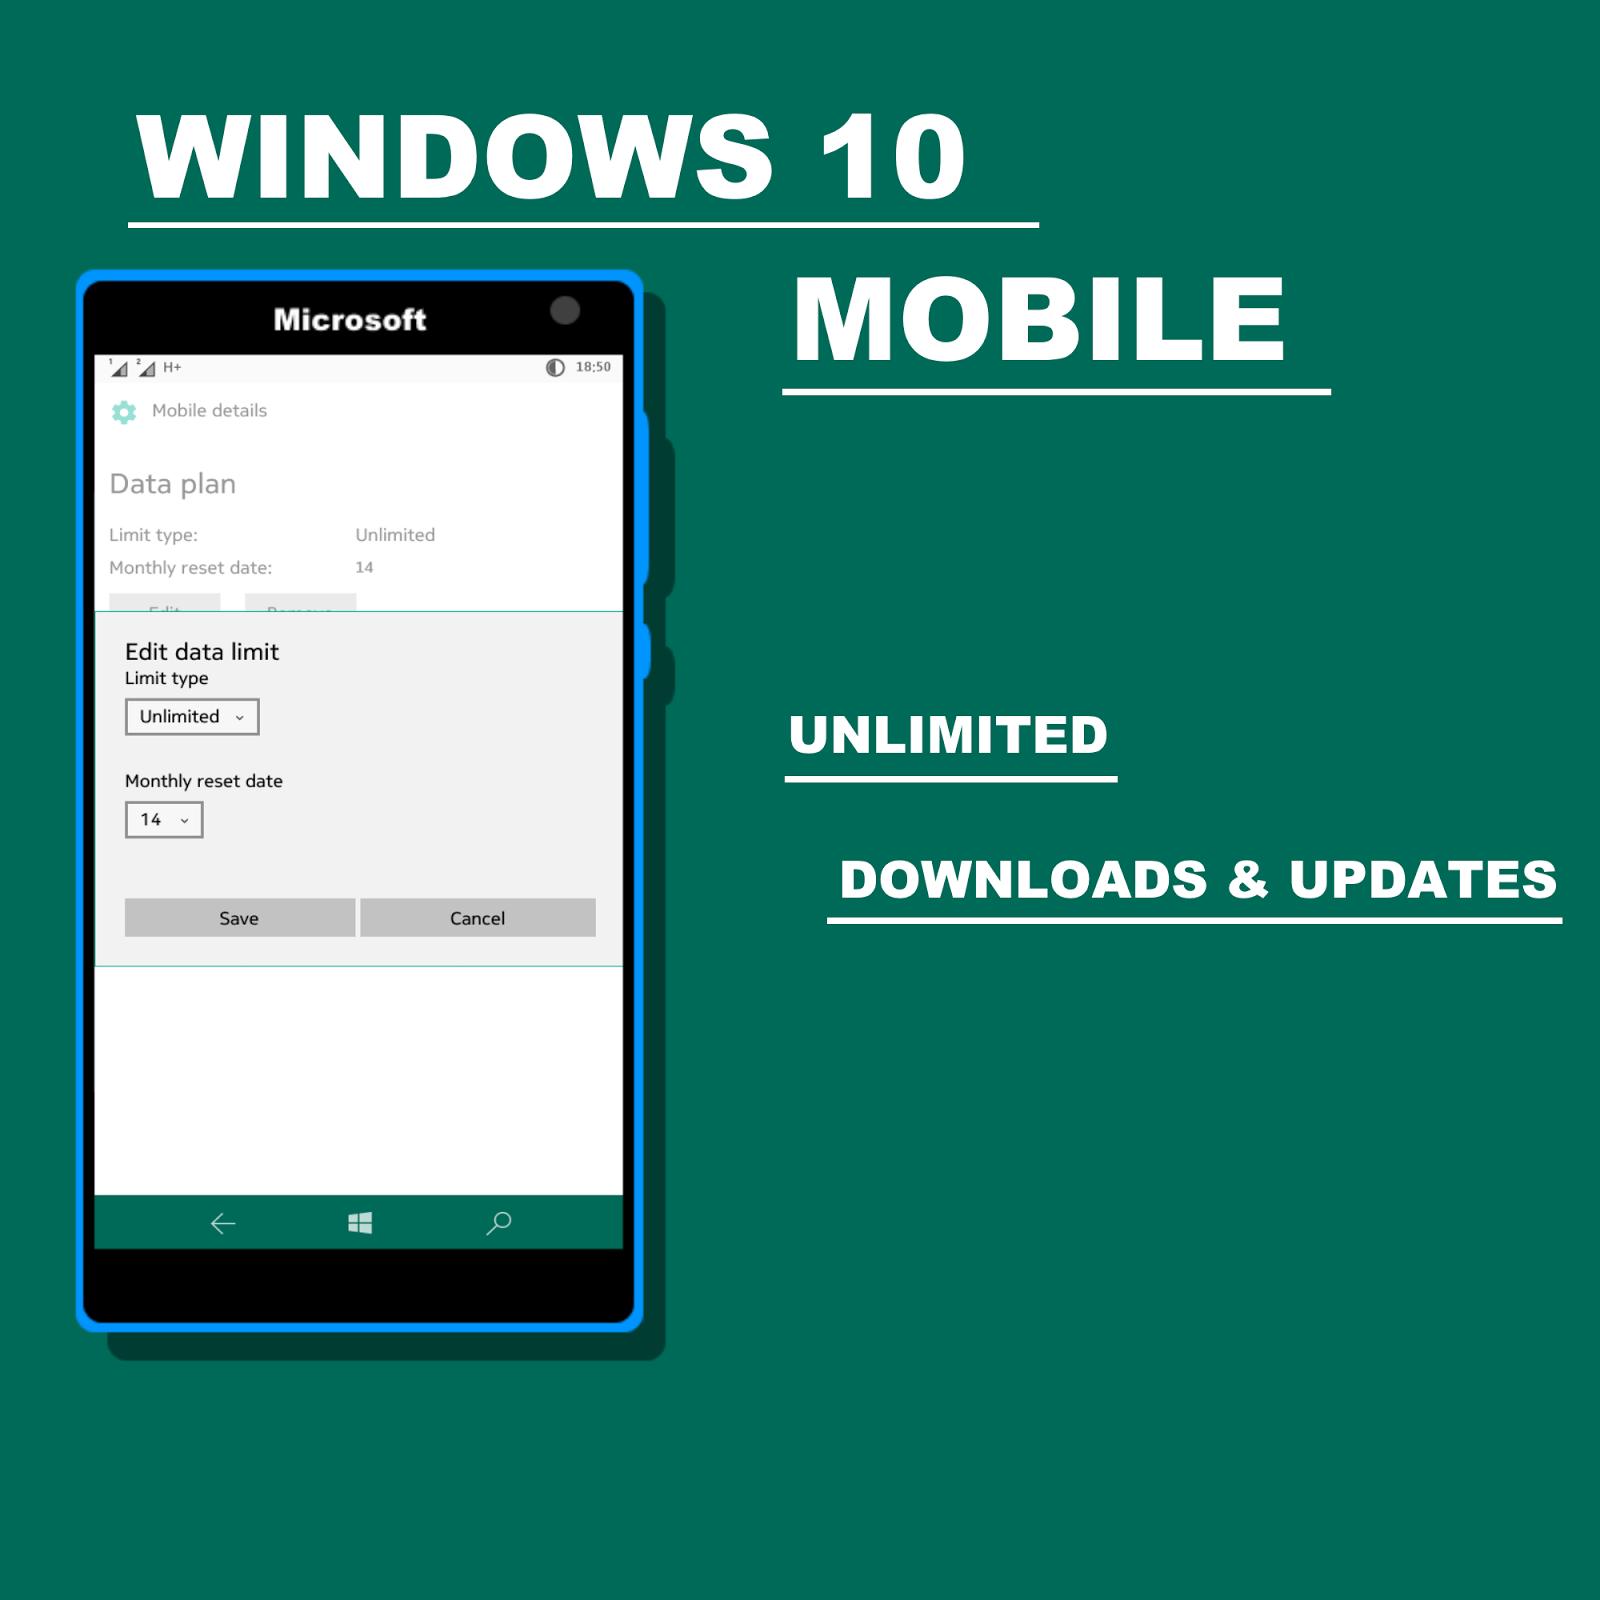 Unlimited Downloads Ov...